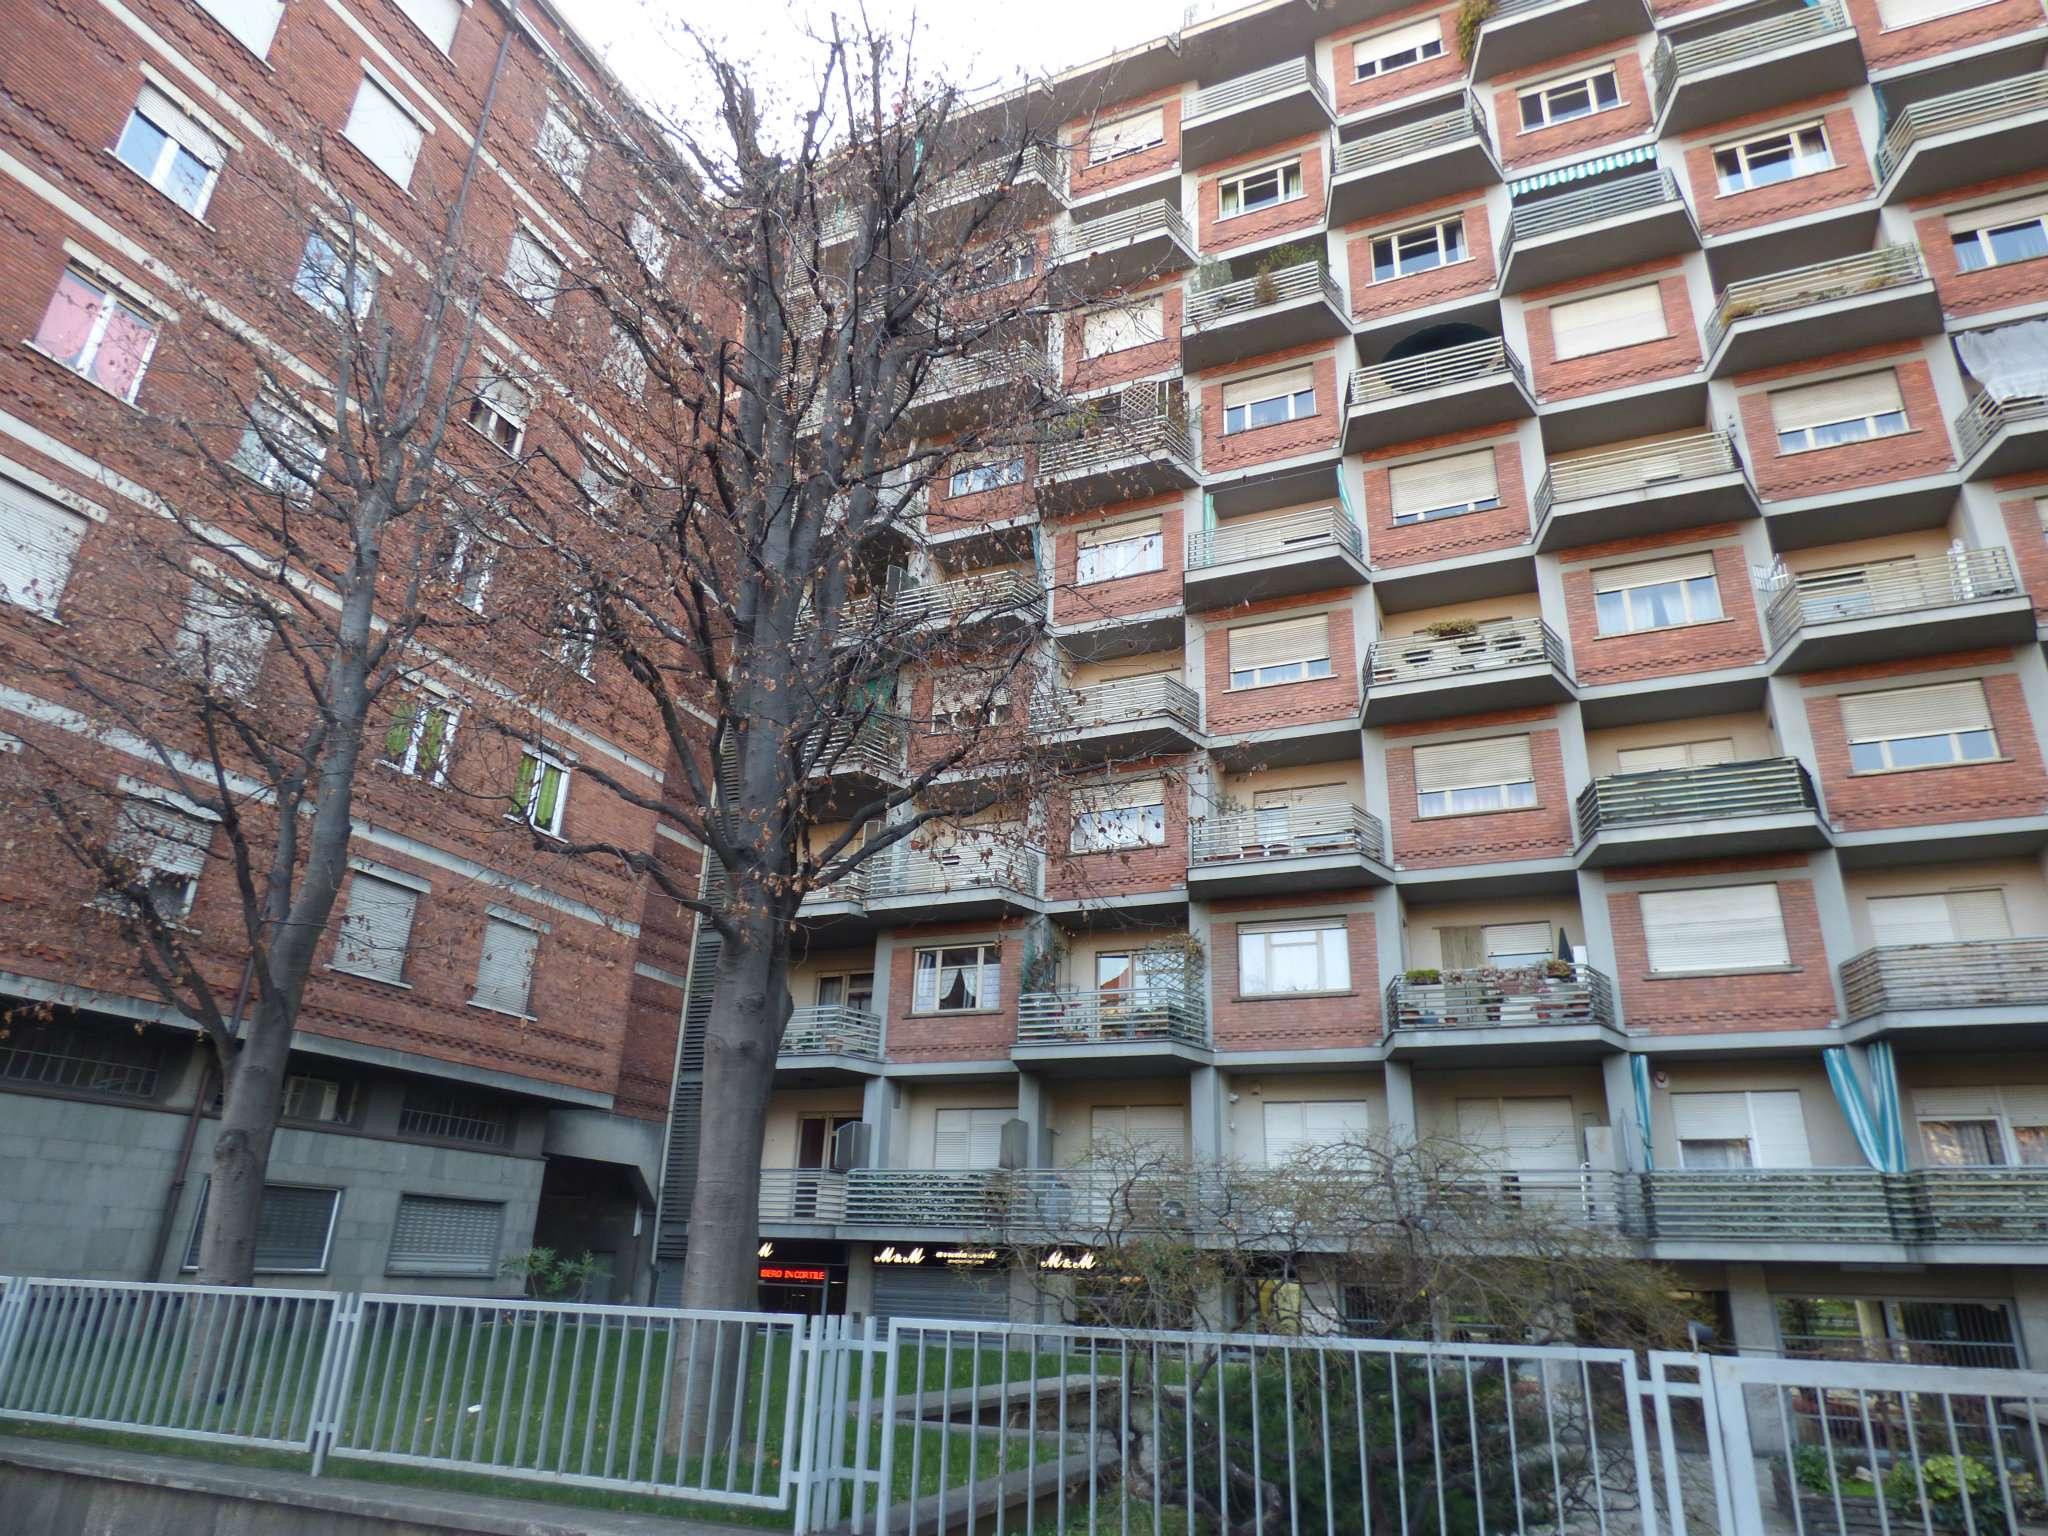 Appartamento in affitto a Torino, 4 locali, zona Zona: 8 . San Paolo, Cenisia, prezzo € 770 | Cambio Casa.it